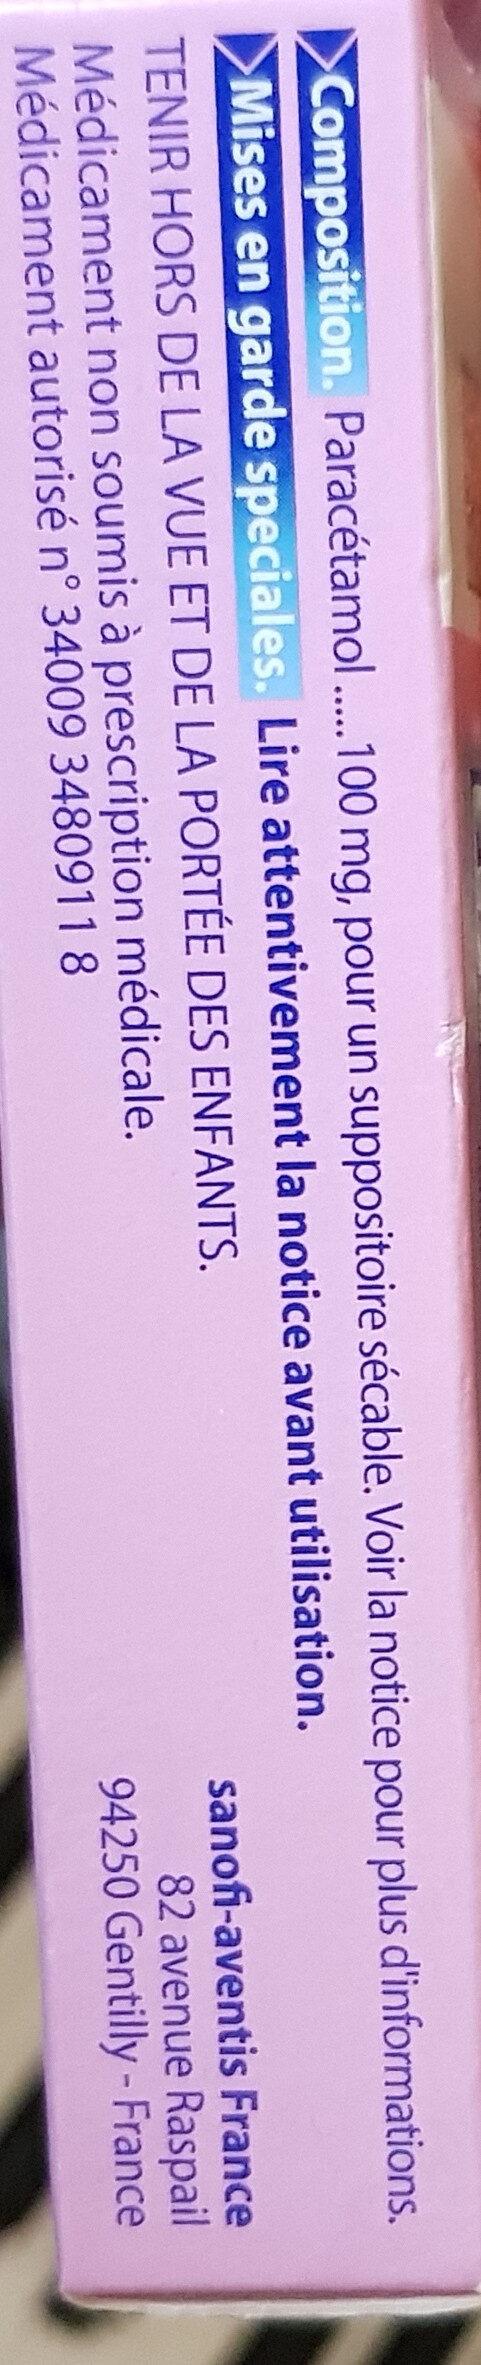 Doliprane paracétamol - Ingredients